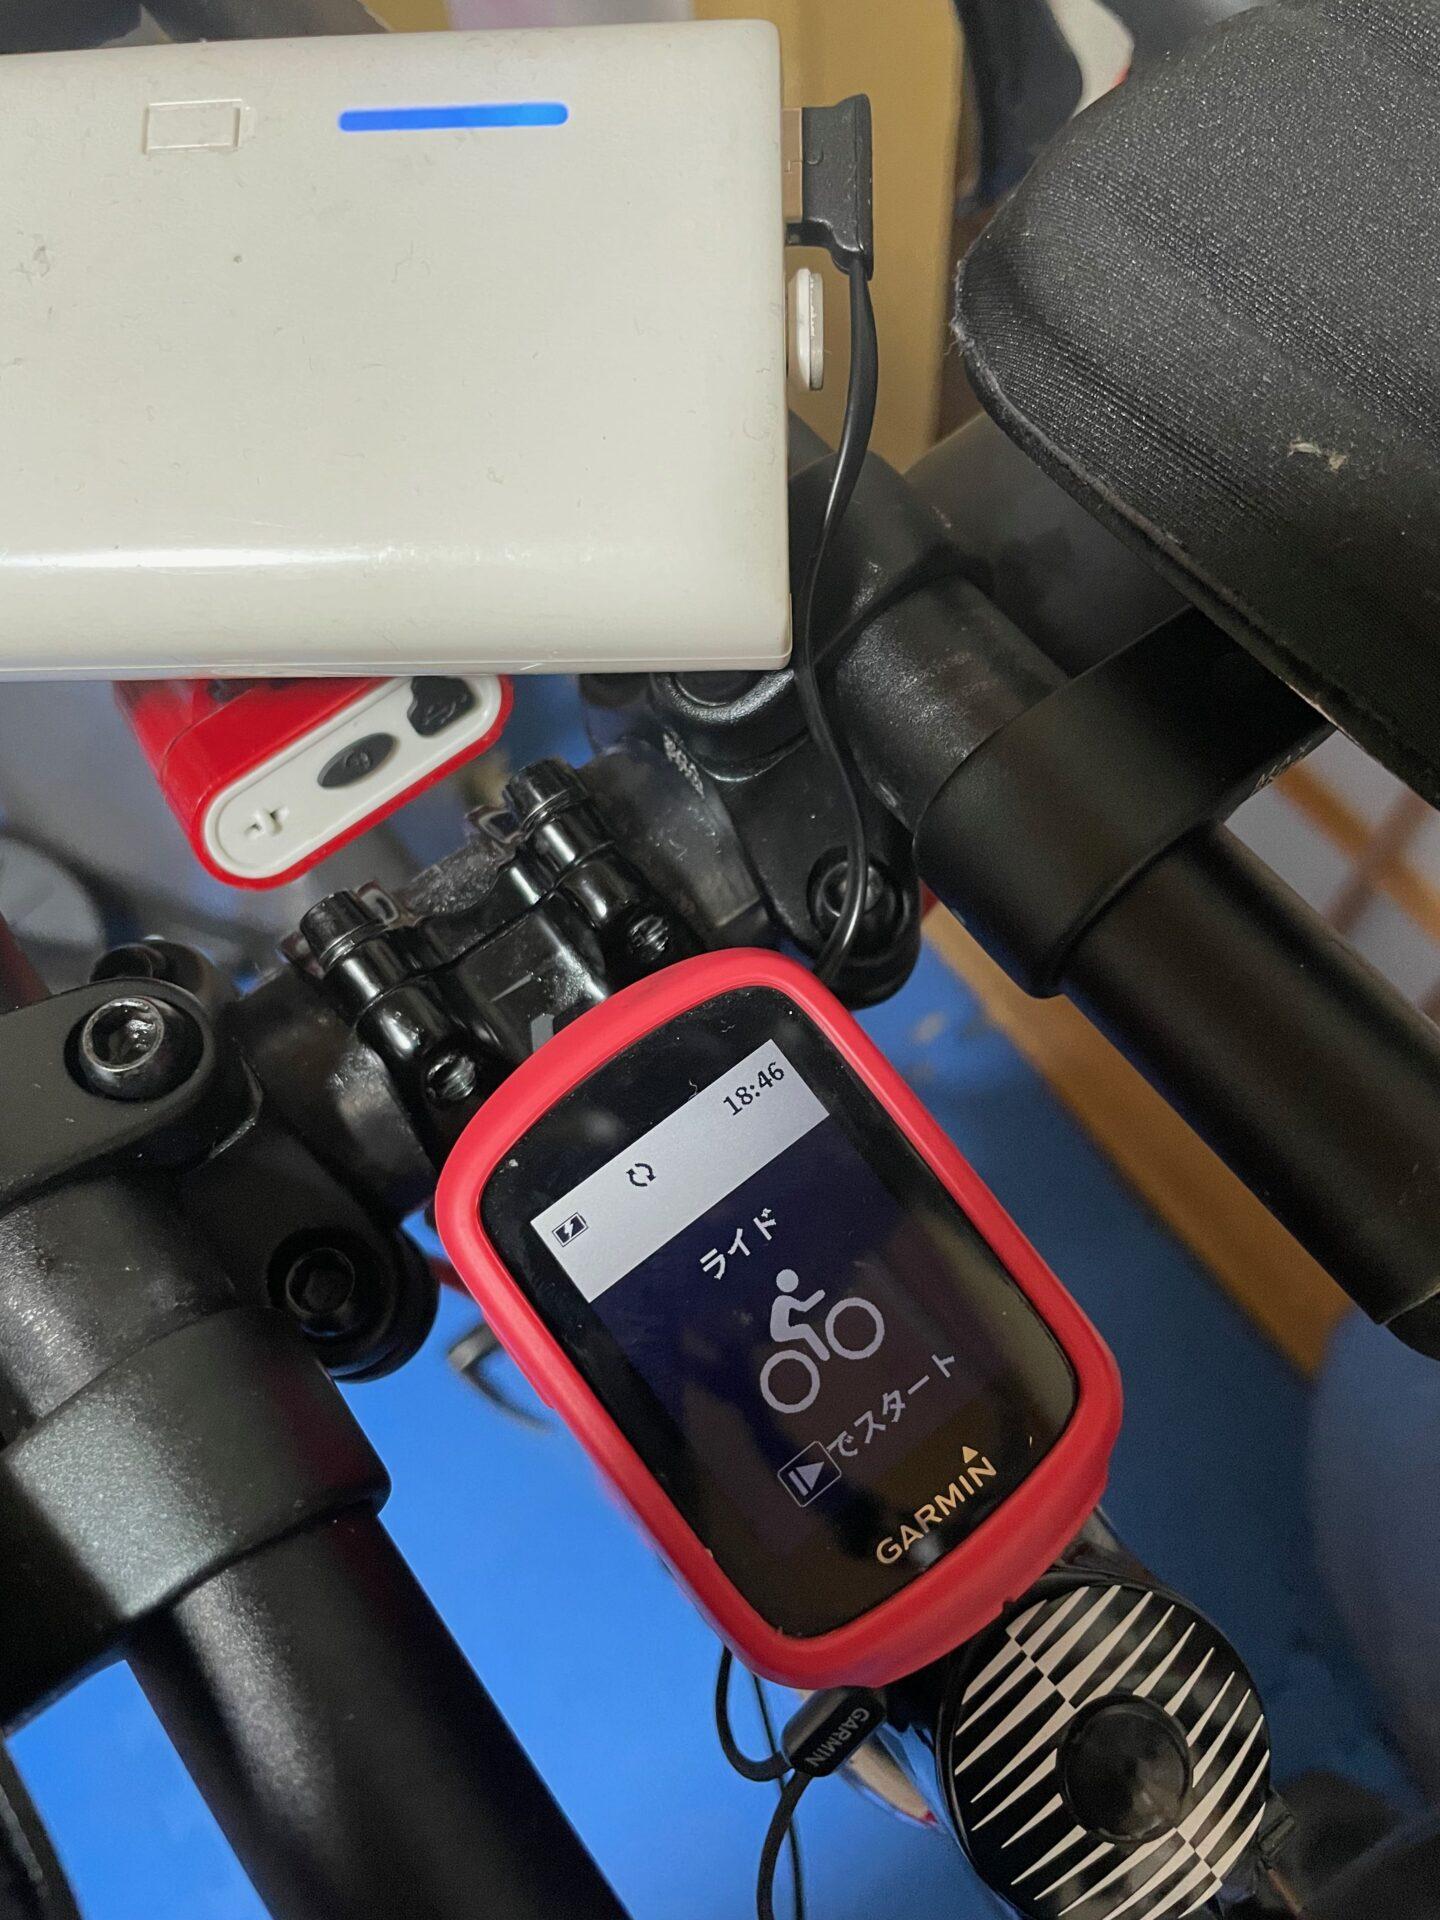 L字端子 Gamin EDGE ステム クリアランス 問題なし 充電可能